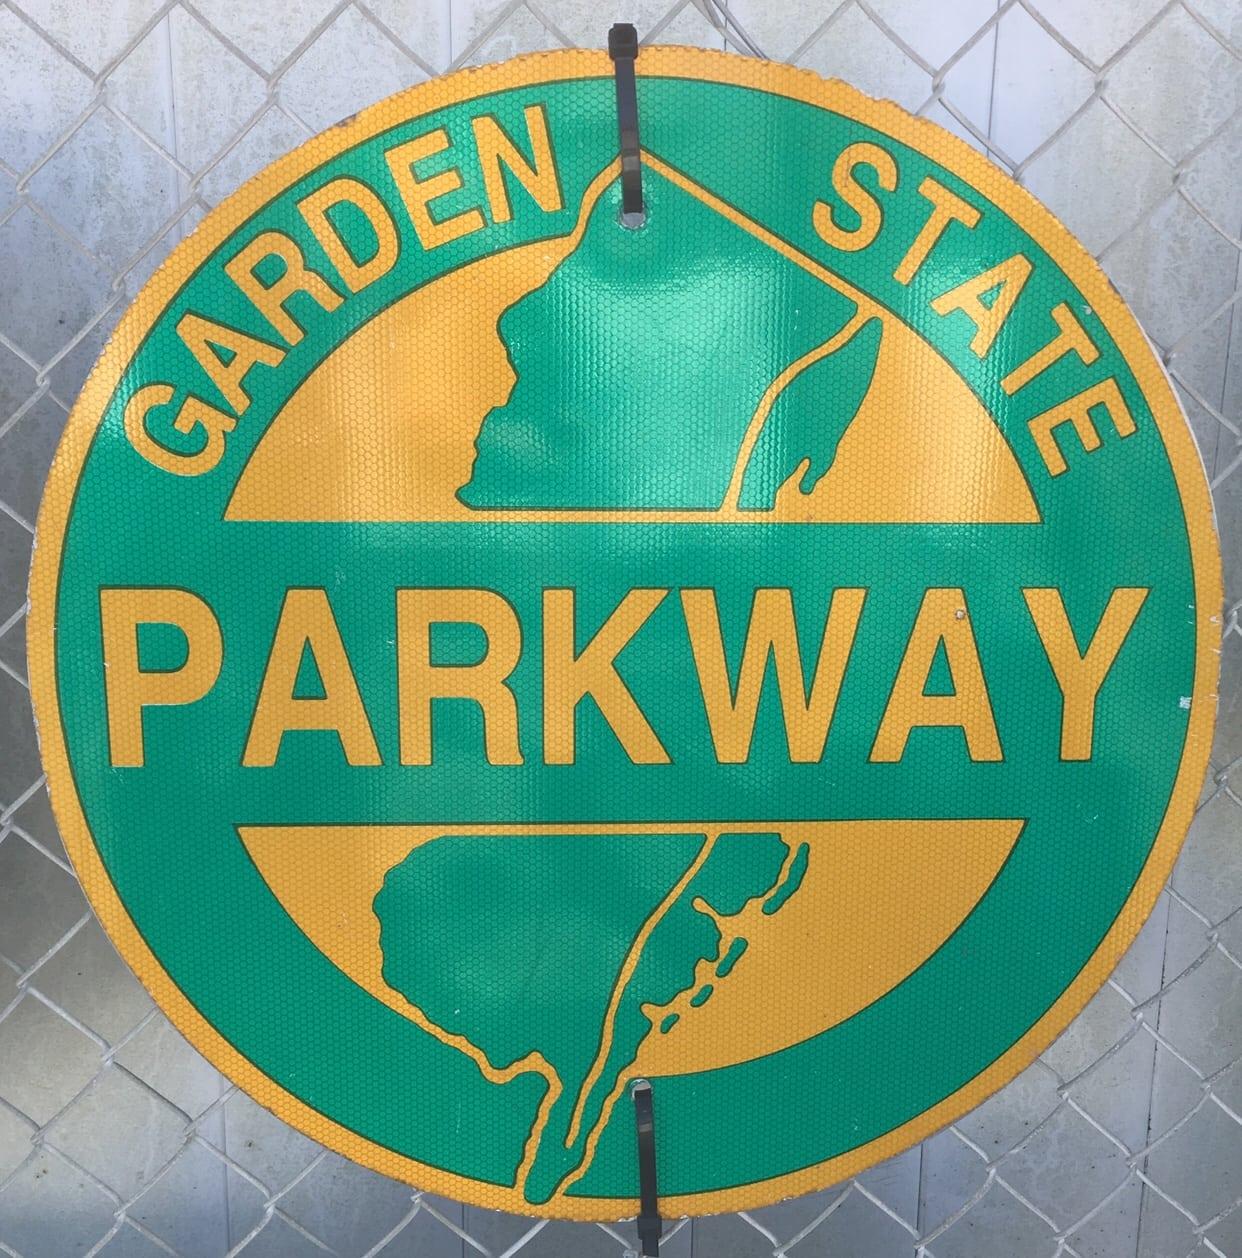 Parkway NB: Exit 69 – BUS: Leaking Oil